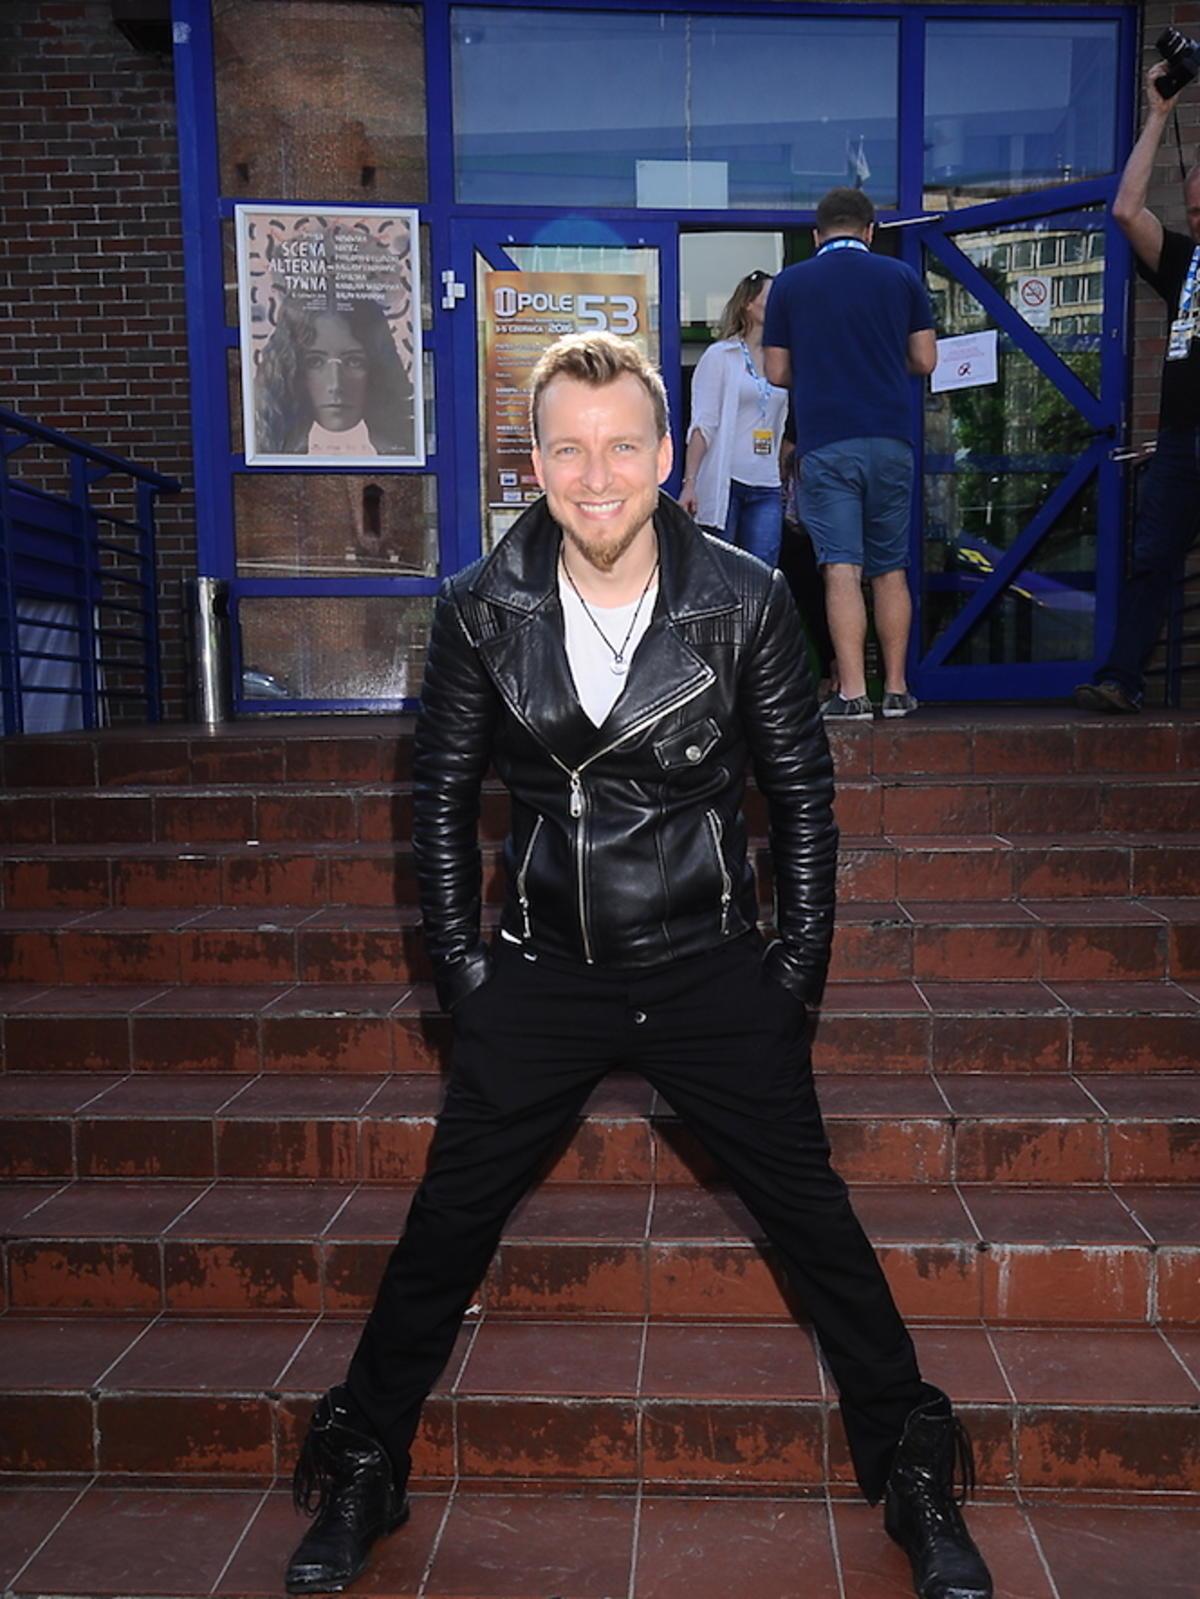 Piotr Kupicha w czarnej kurtce